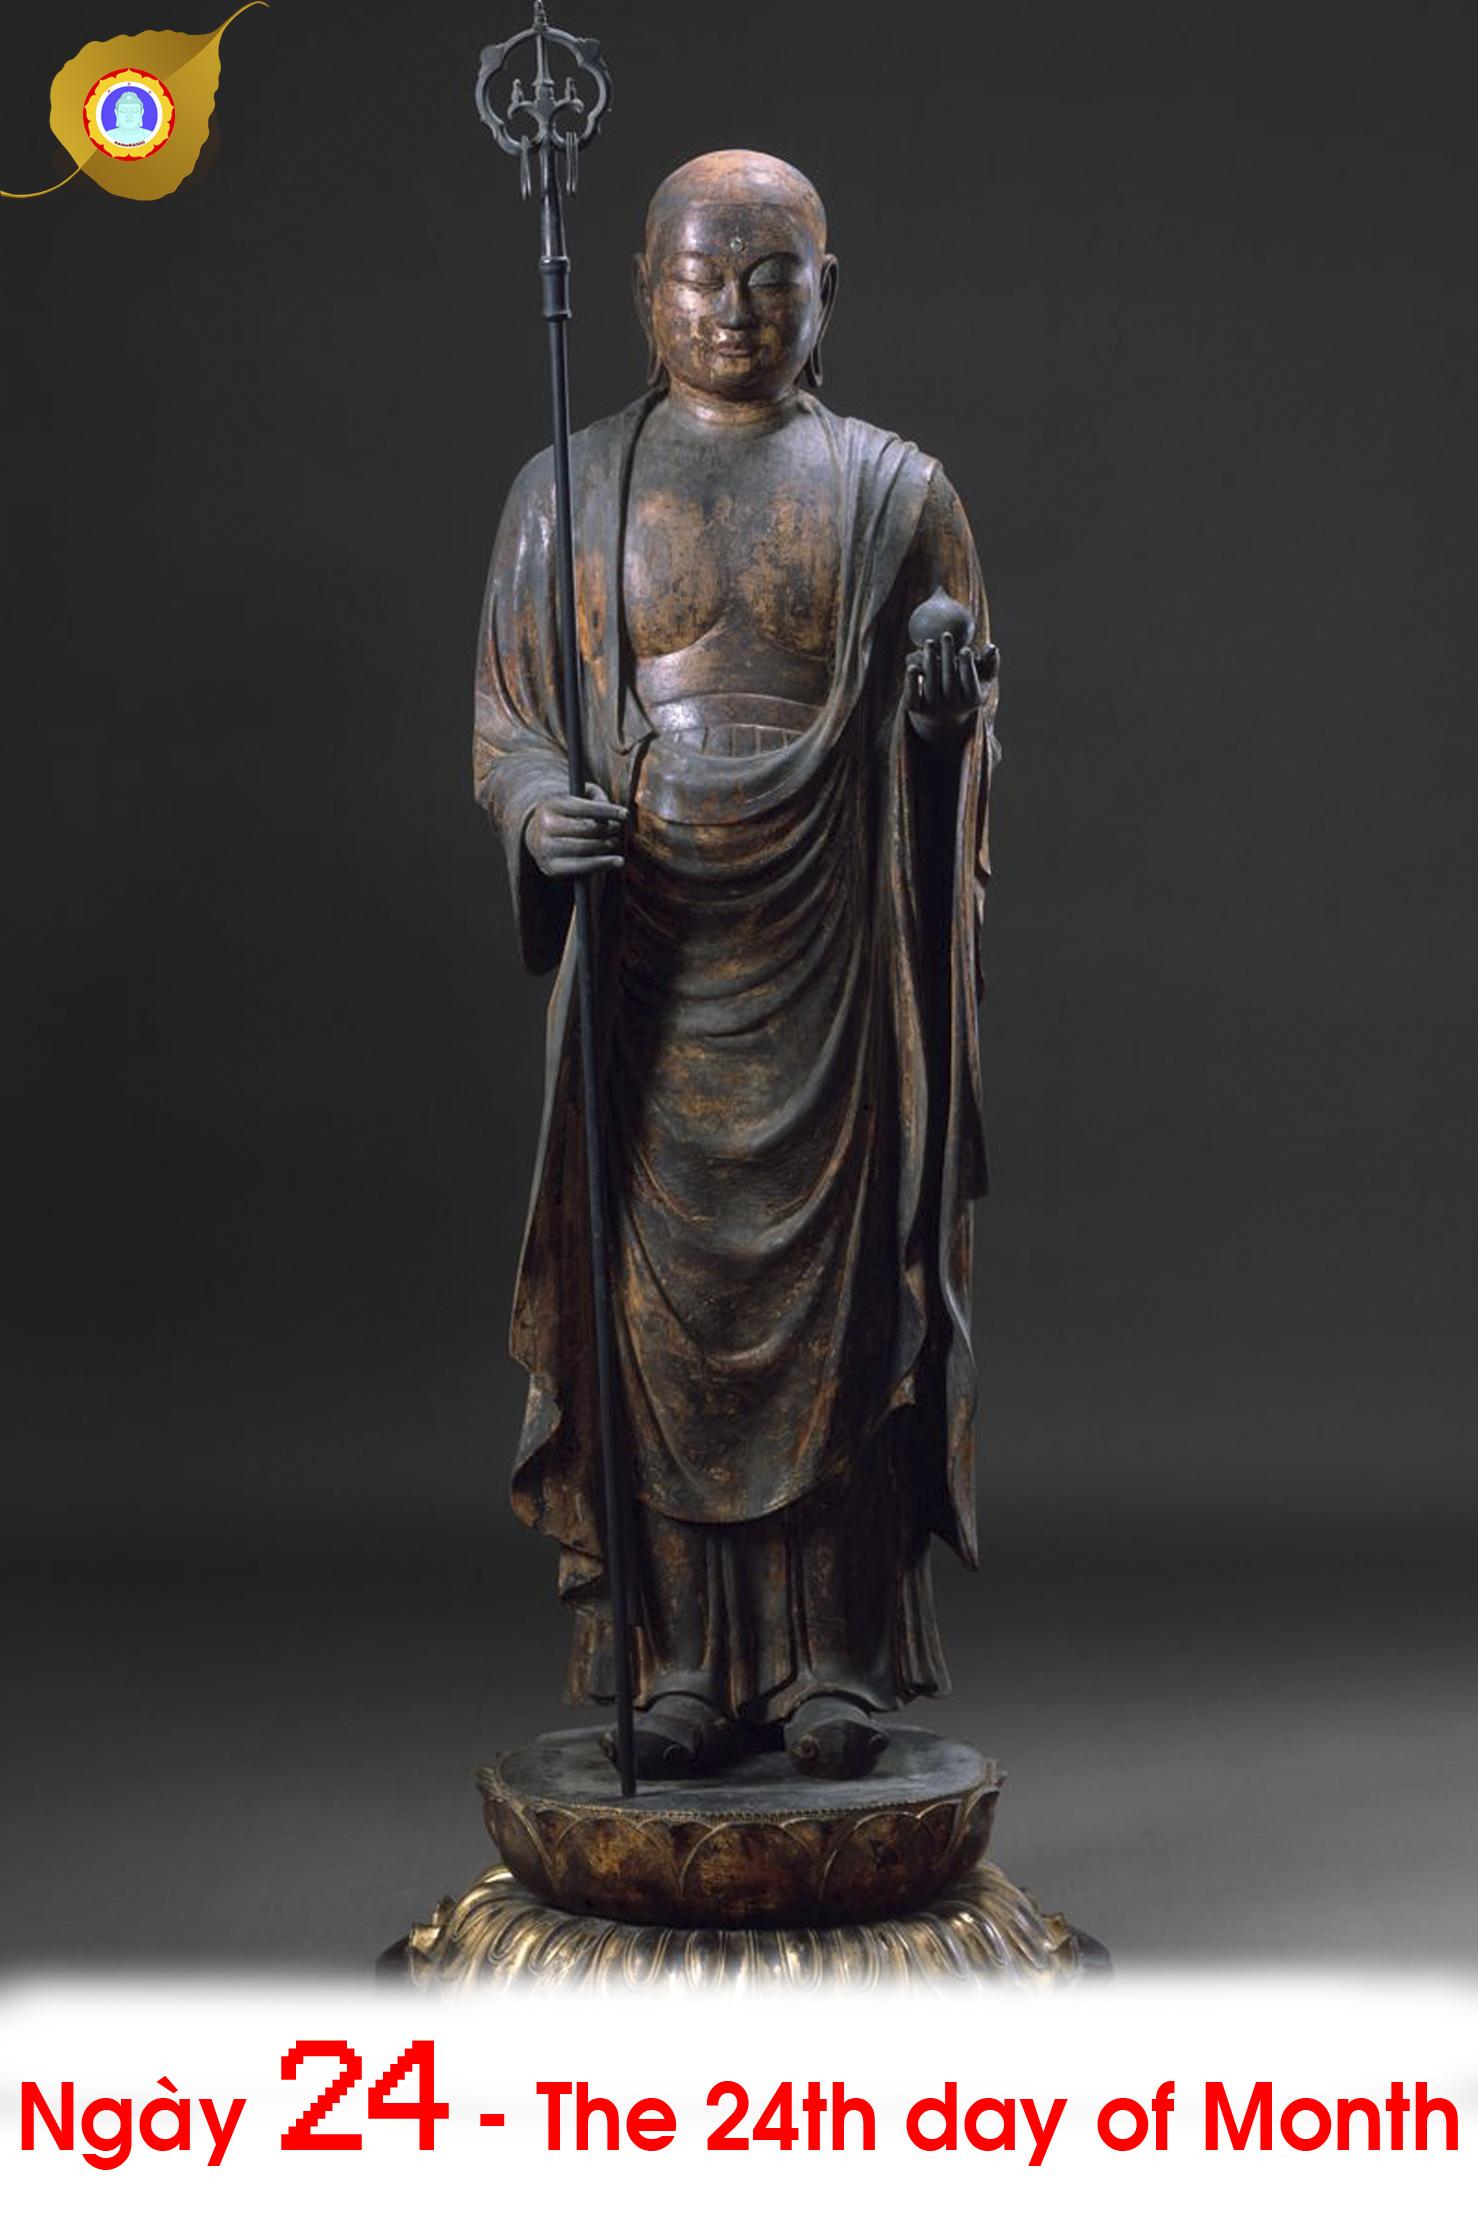 Duyên nhật ngày 24: Đại Nguyện Địa Tạng Vương Bồ tát – Earth-Store Bodhisattva